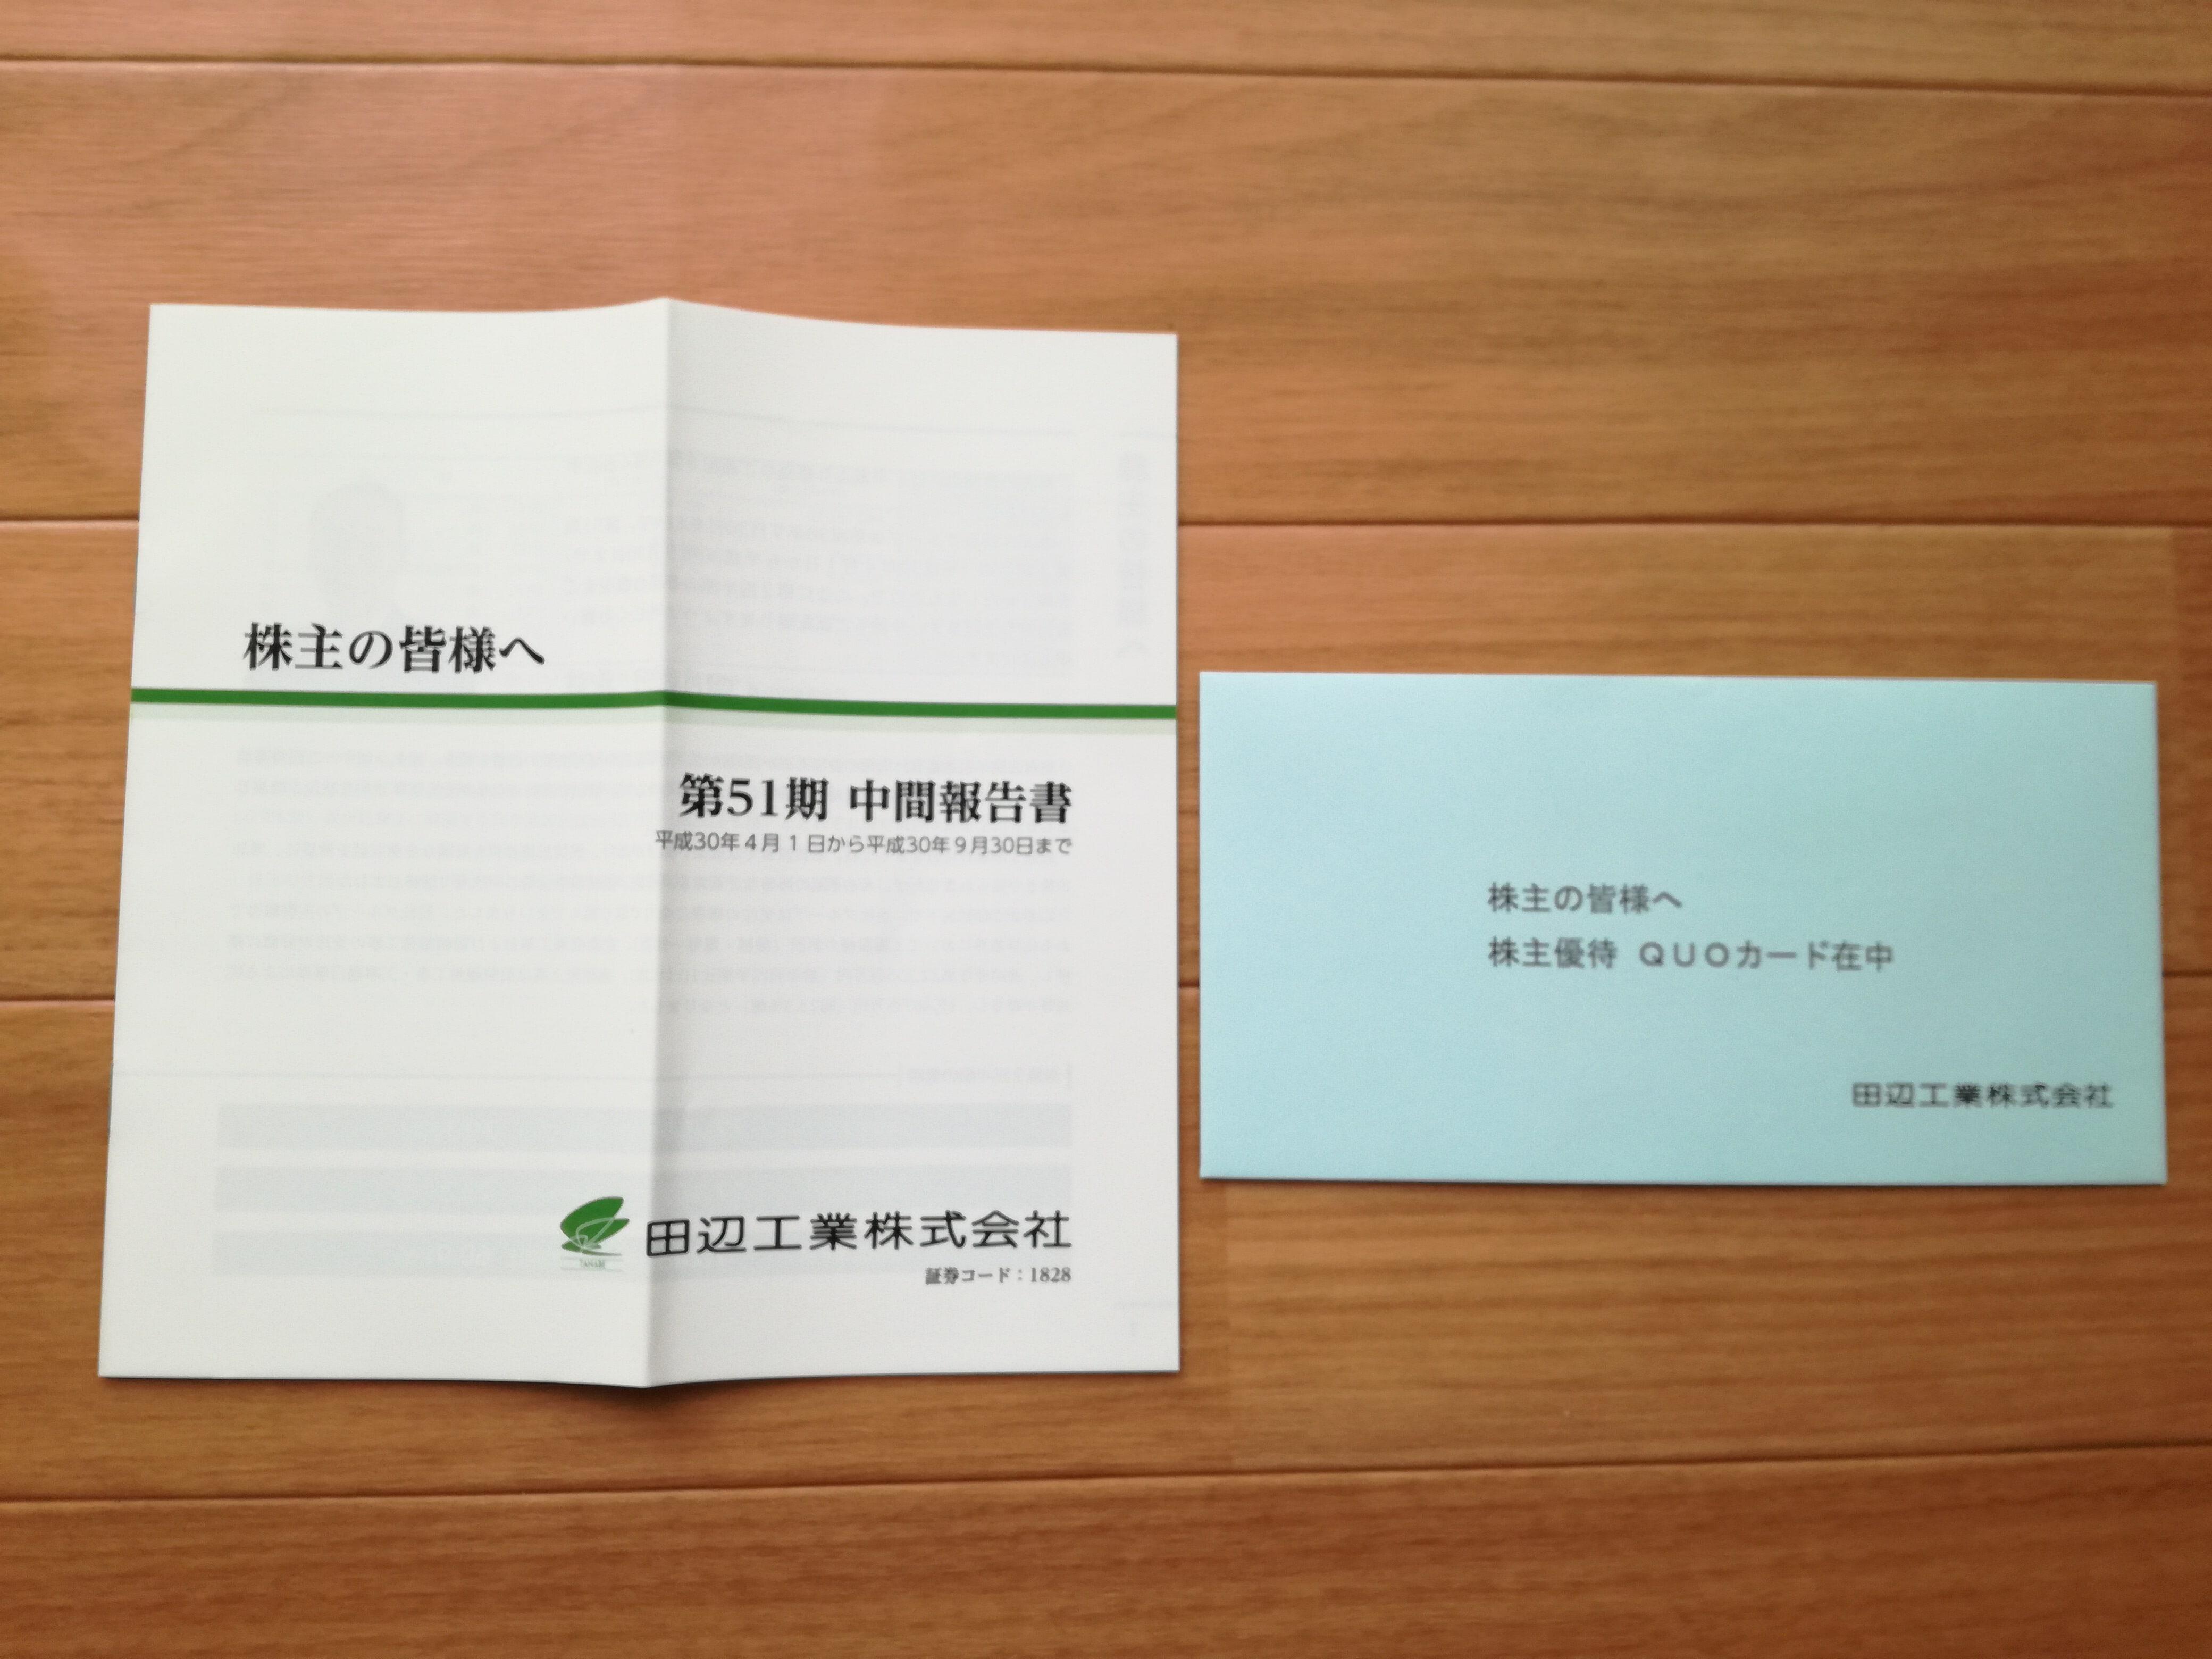 配当+株主優待利回り3.7%の田辺工業(1828)から年2回の株主優待クオカード500円分が到着!